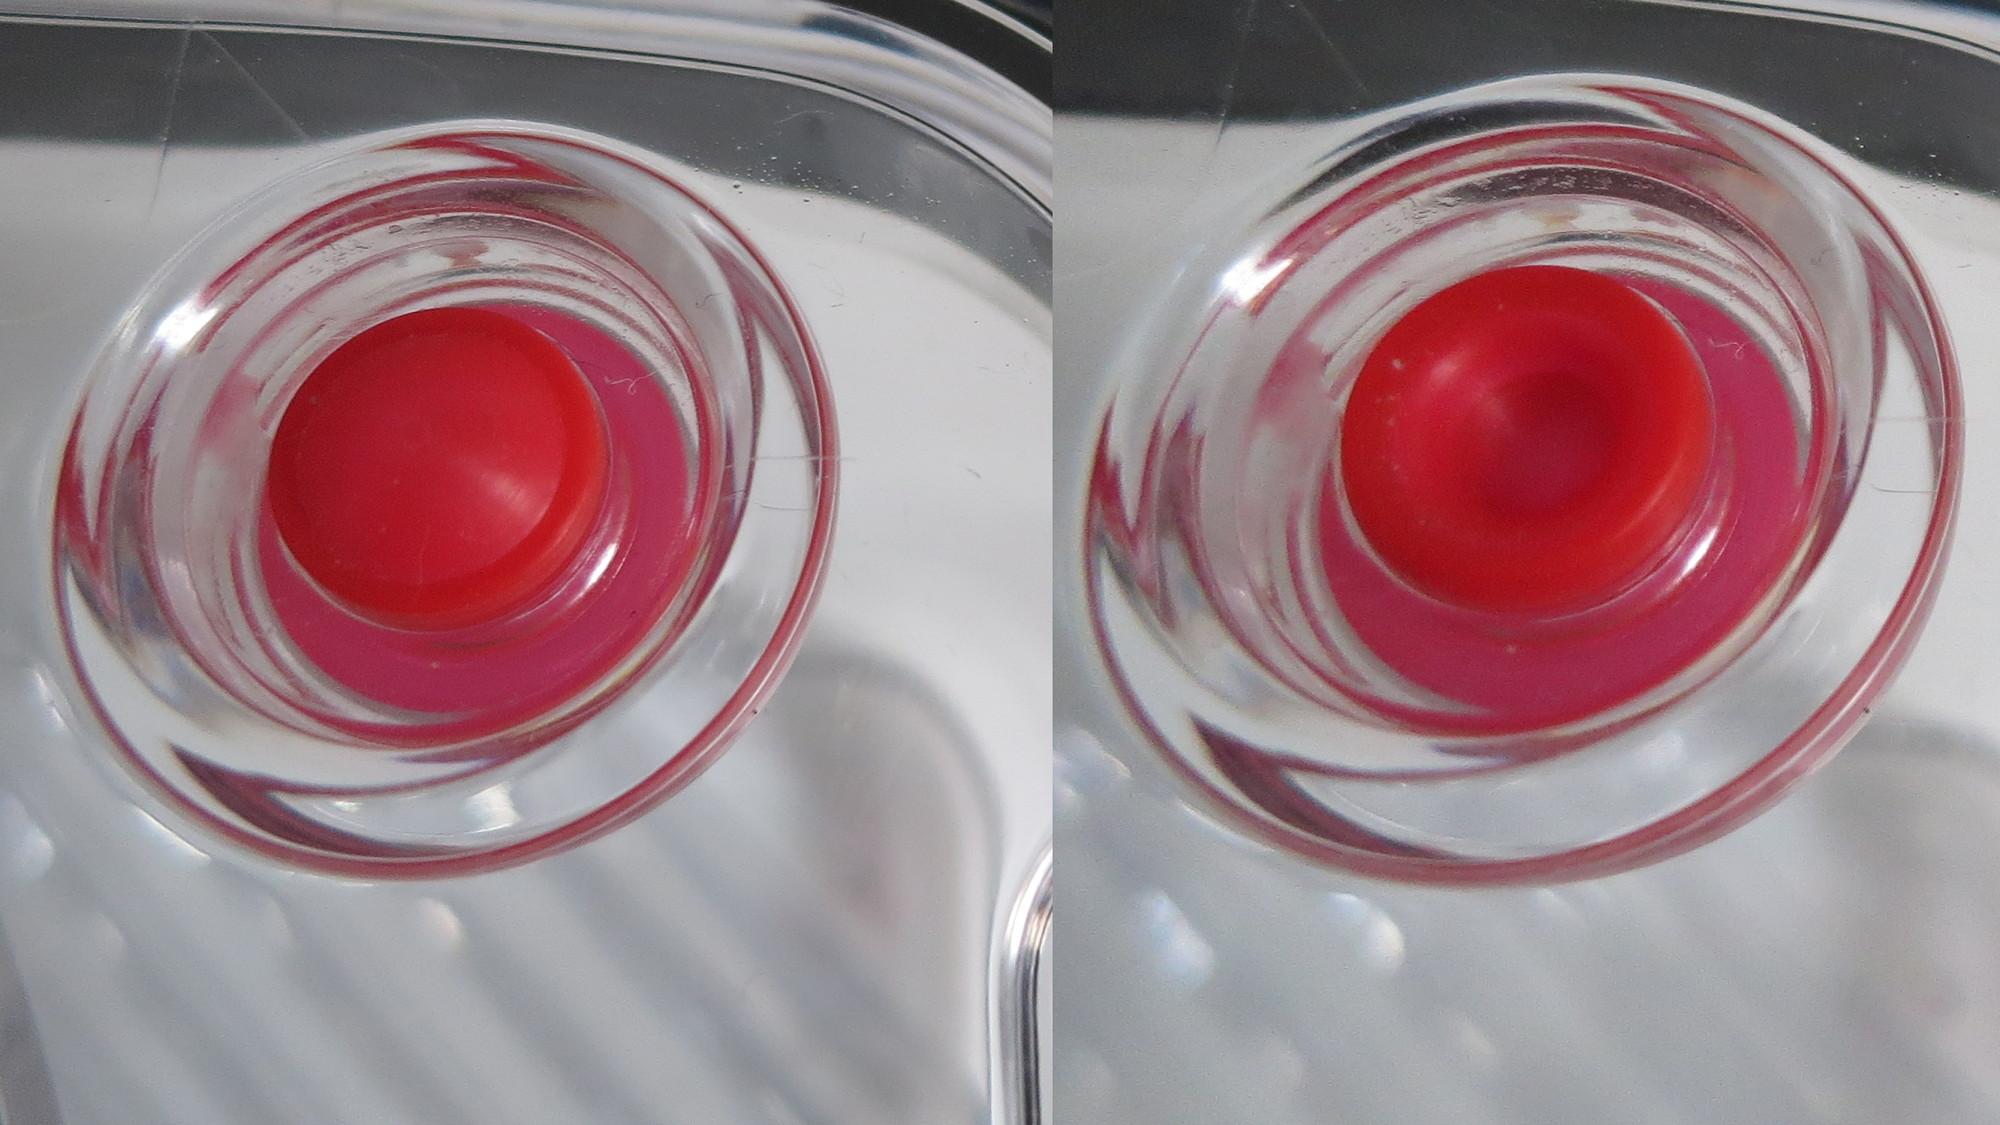 Vakuumanzeige auf der Frischhaltebox von Bosch